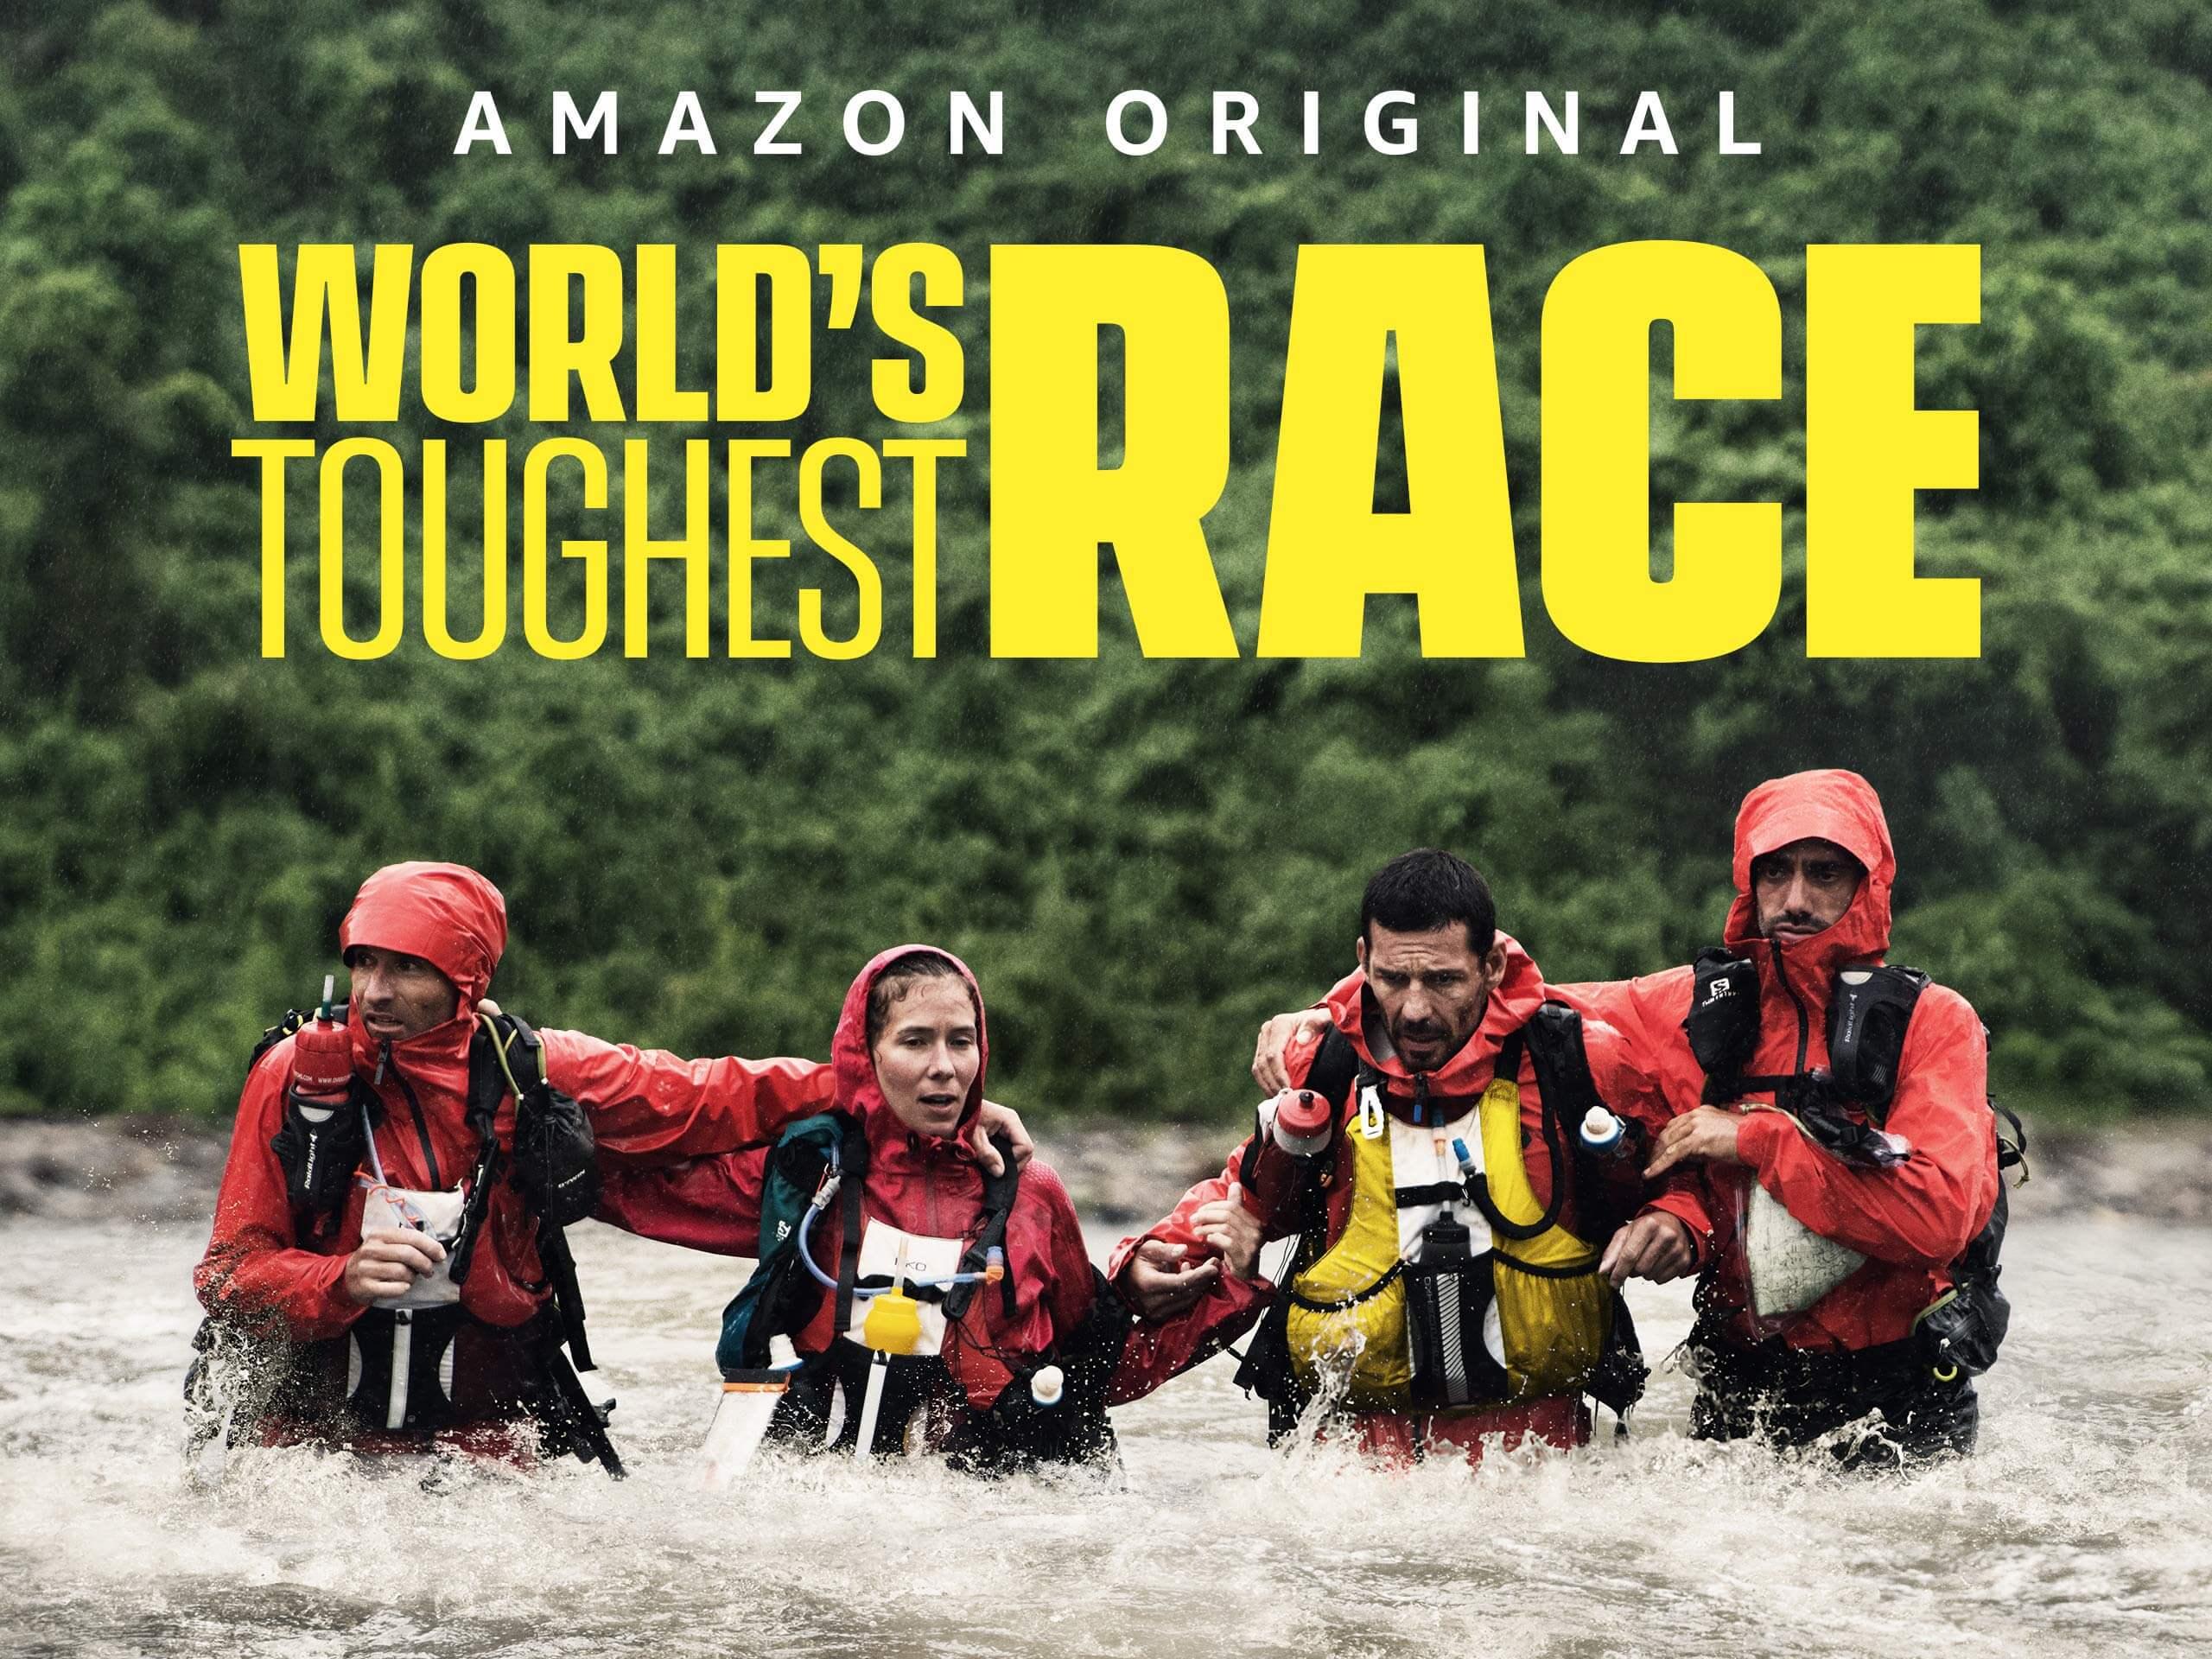 『世界一過酷なレース:エコチャレンジ フィジー大会』